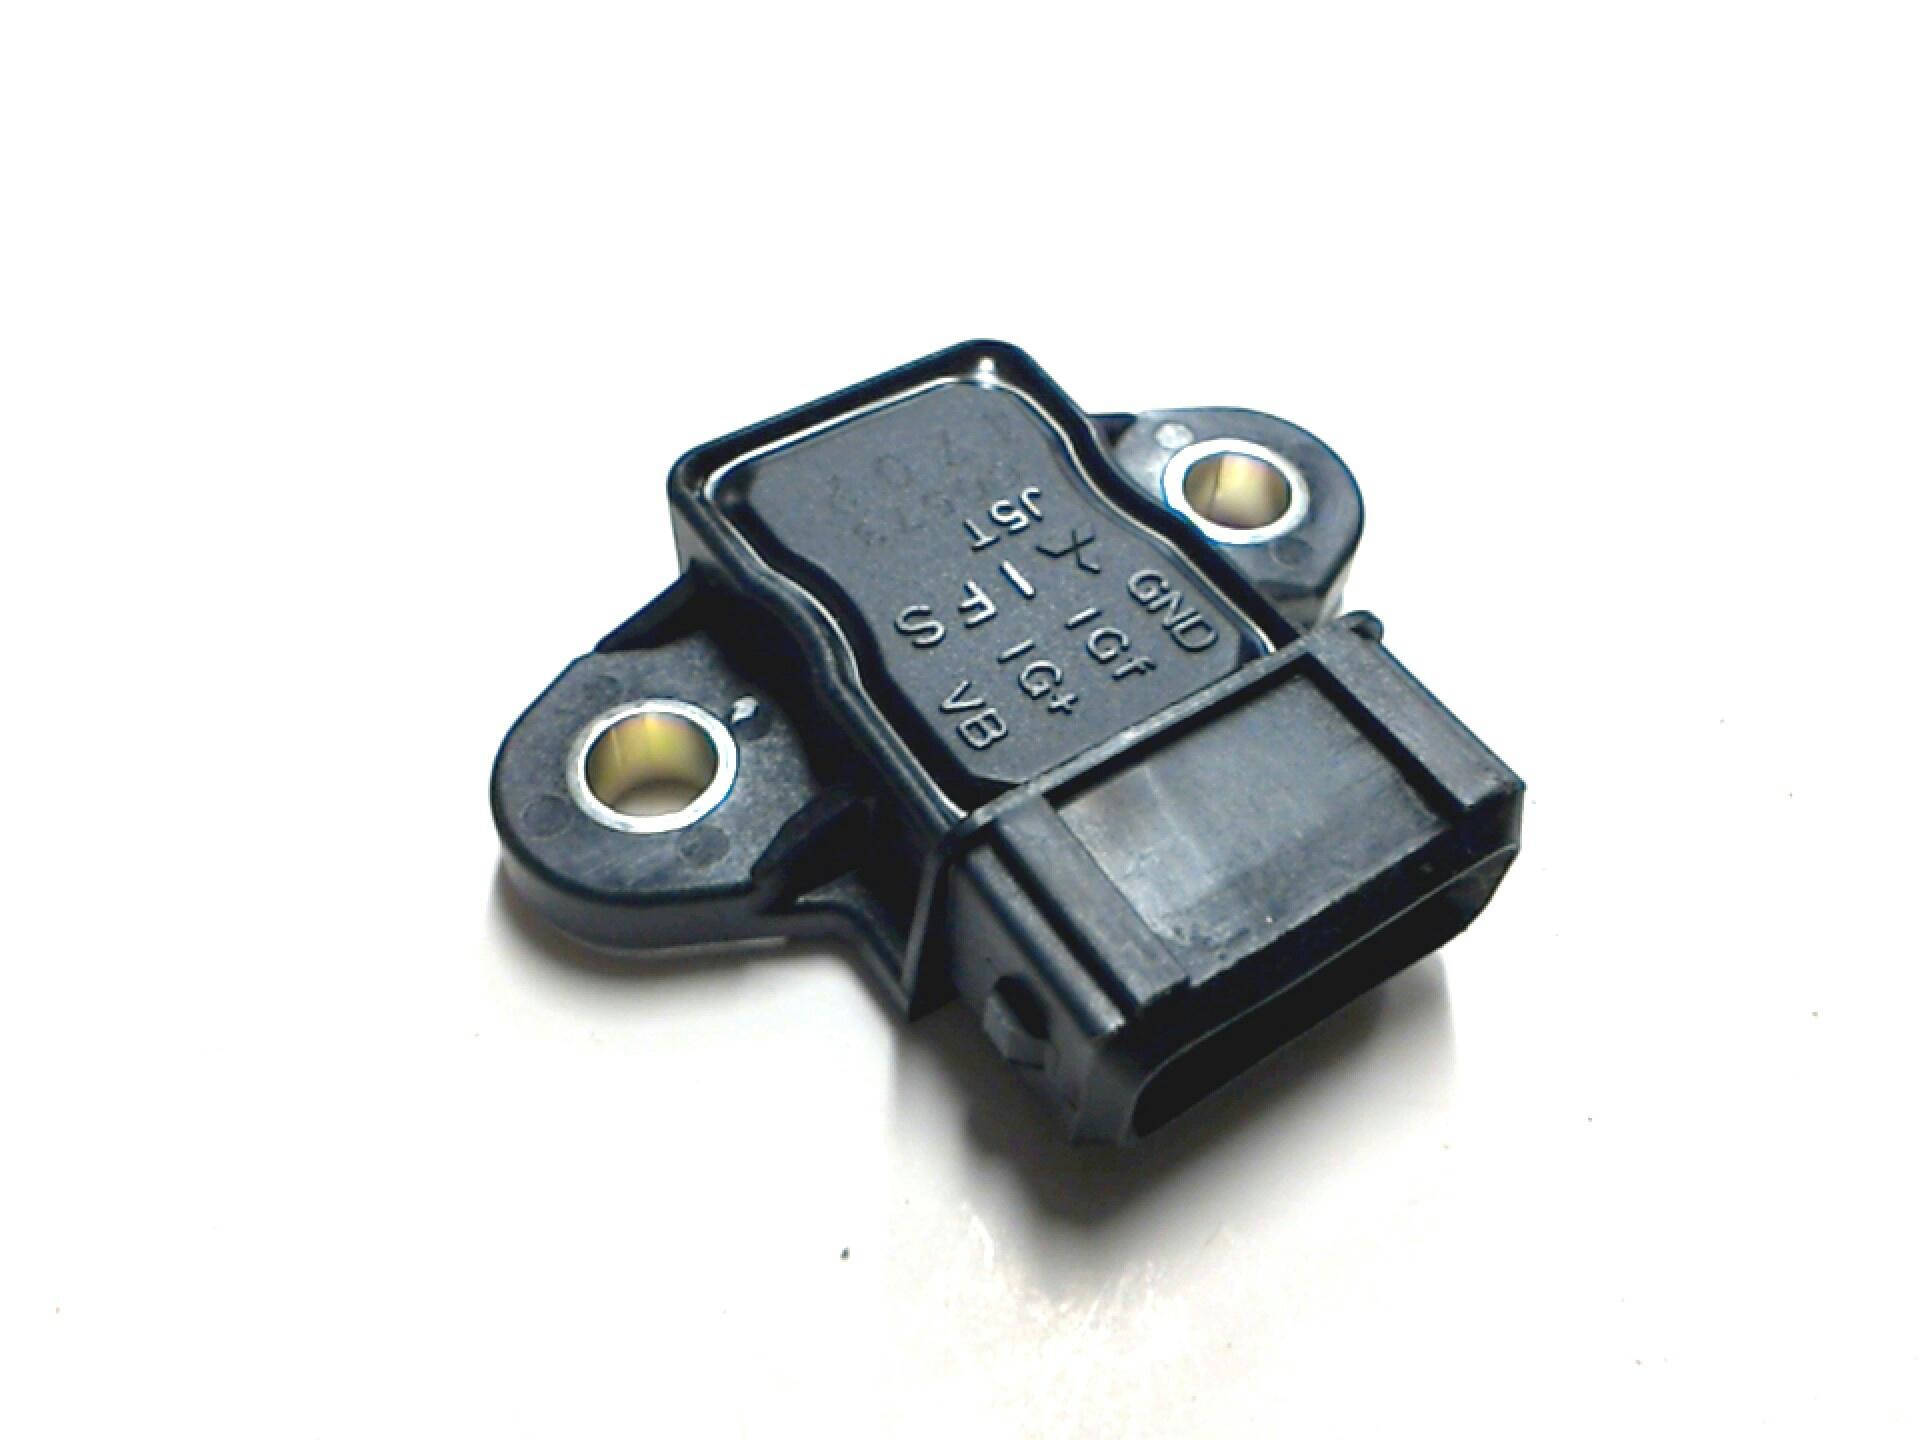 Vr Gyyil Ss in addition Hqdefault additionally B F D De as well S L as well B F D Be. on 2003 hyundai santa fe ignition failure sensor